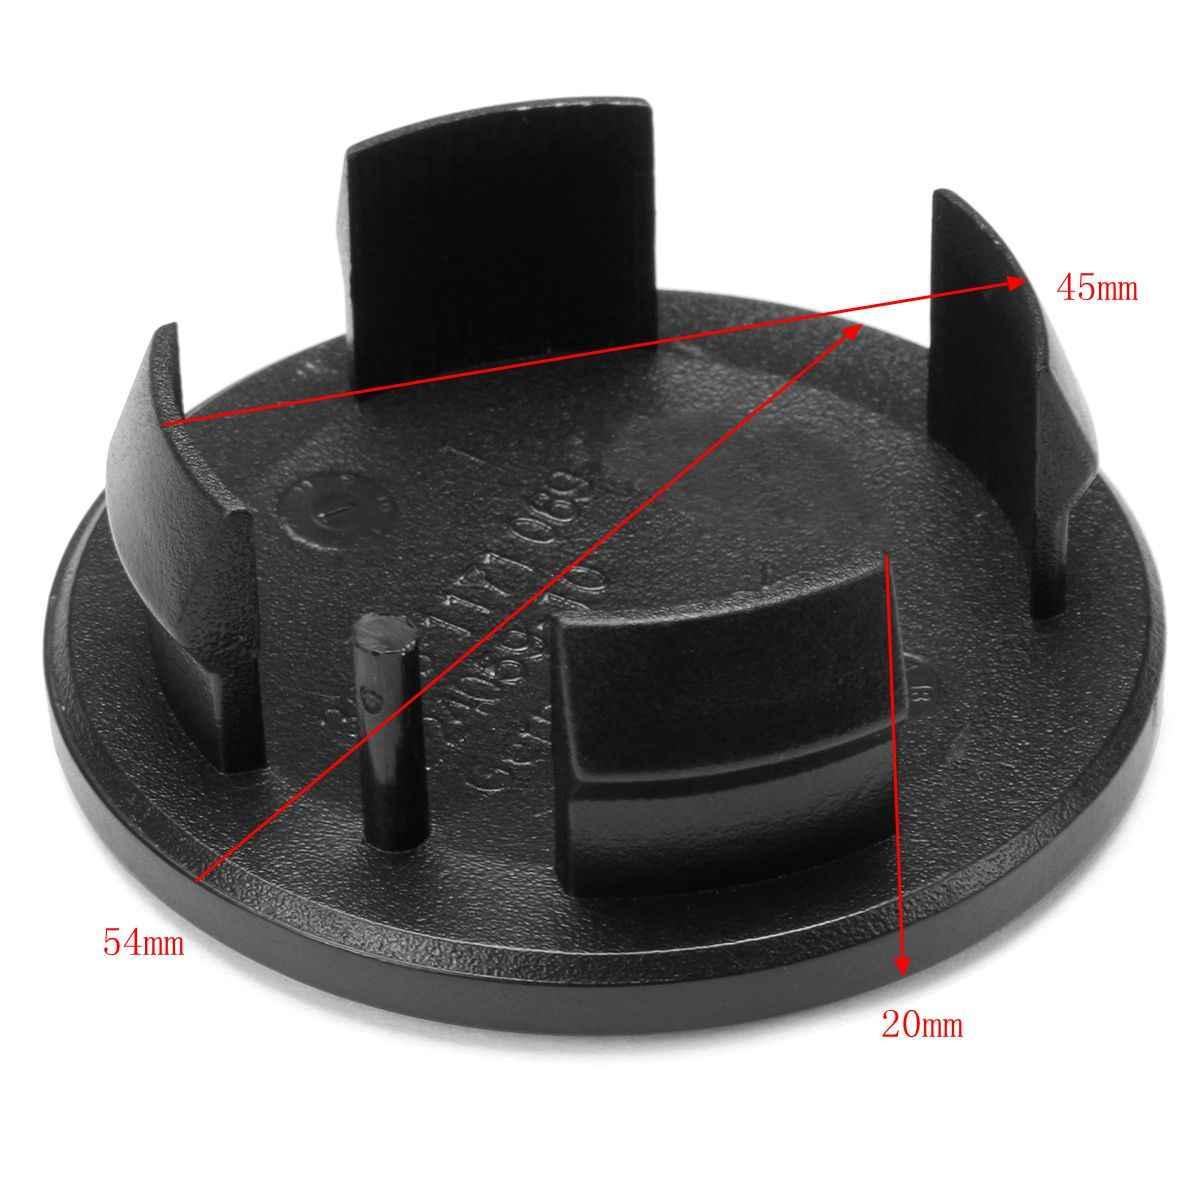 4 sztuk 54 MM środek koła samochodowego Hub kapsle ochronne znaczek z symbolem dla Mini Cooper czarne plastikowe